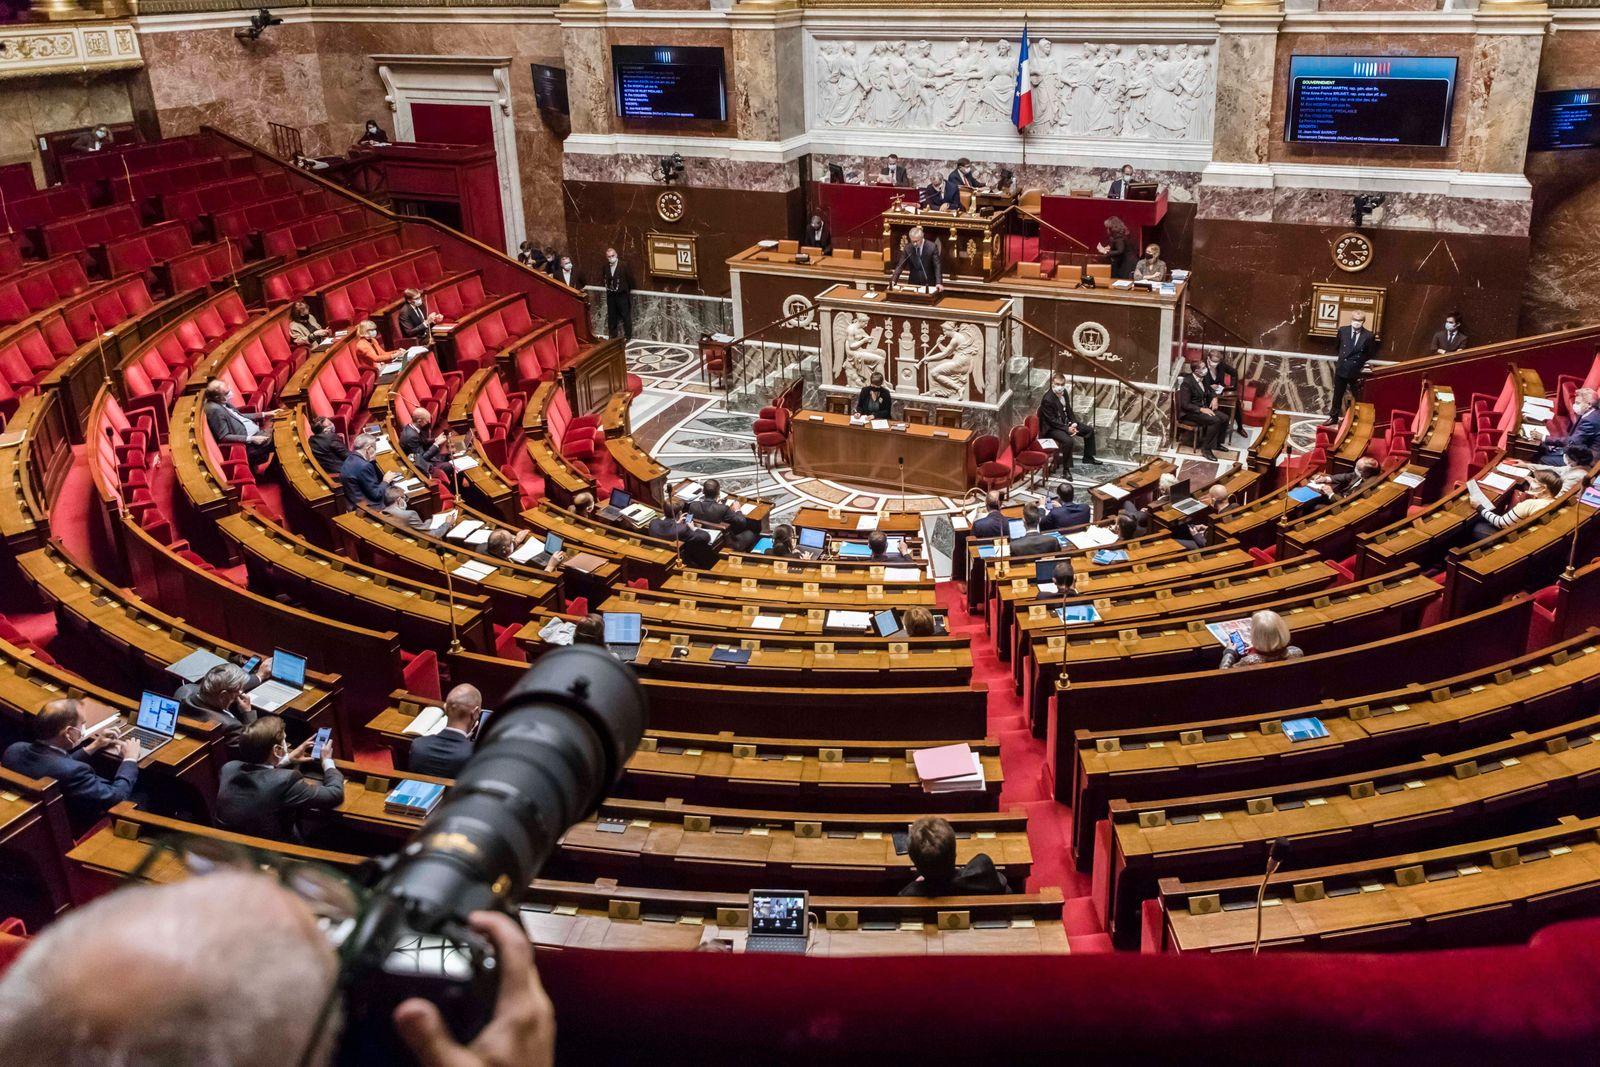 Frankreich, Sitzung der Nationalversammlung in Paris Paris, France October 12, 2020 - Discussion of the finance bill for